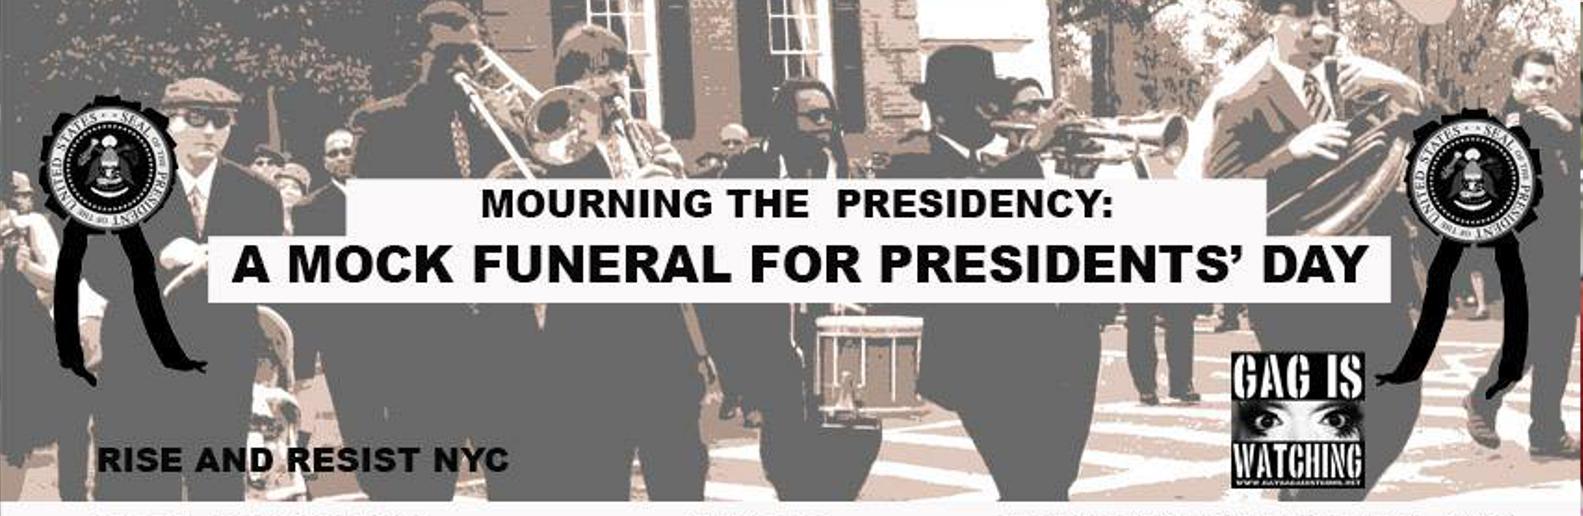 Morning the Presidency